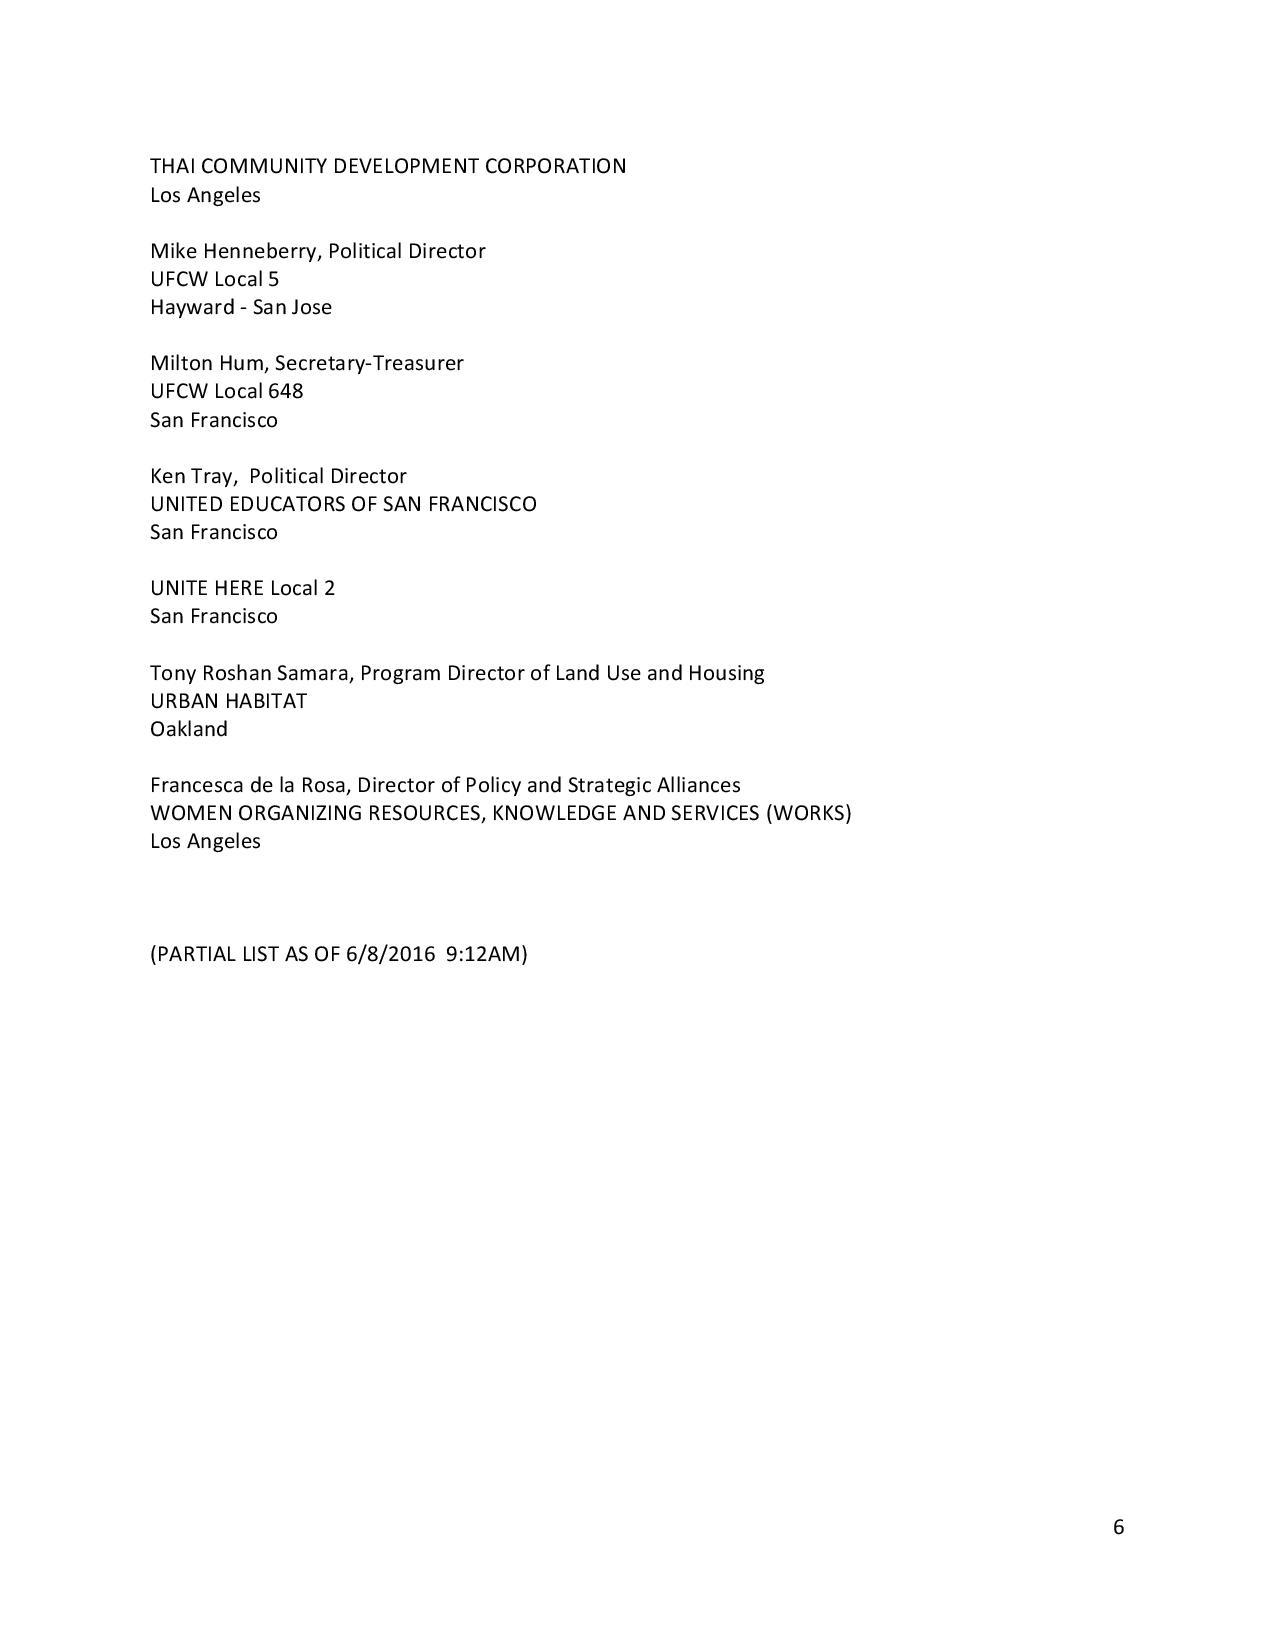 JointletterJune8_(3)-page-006.jpg